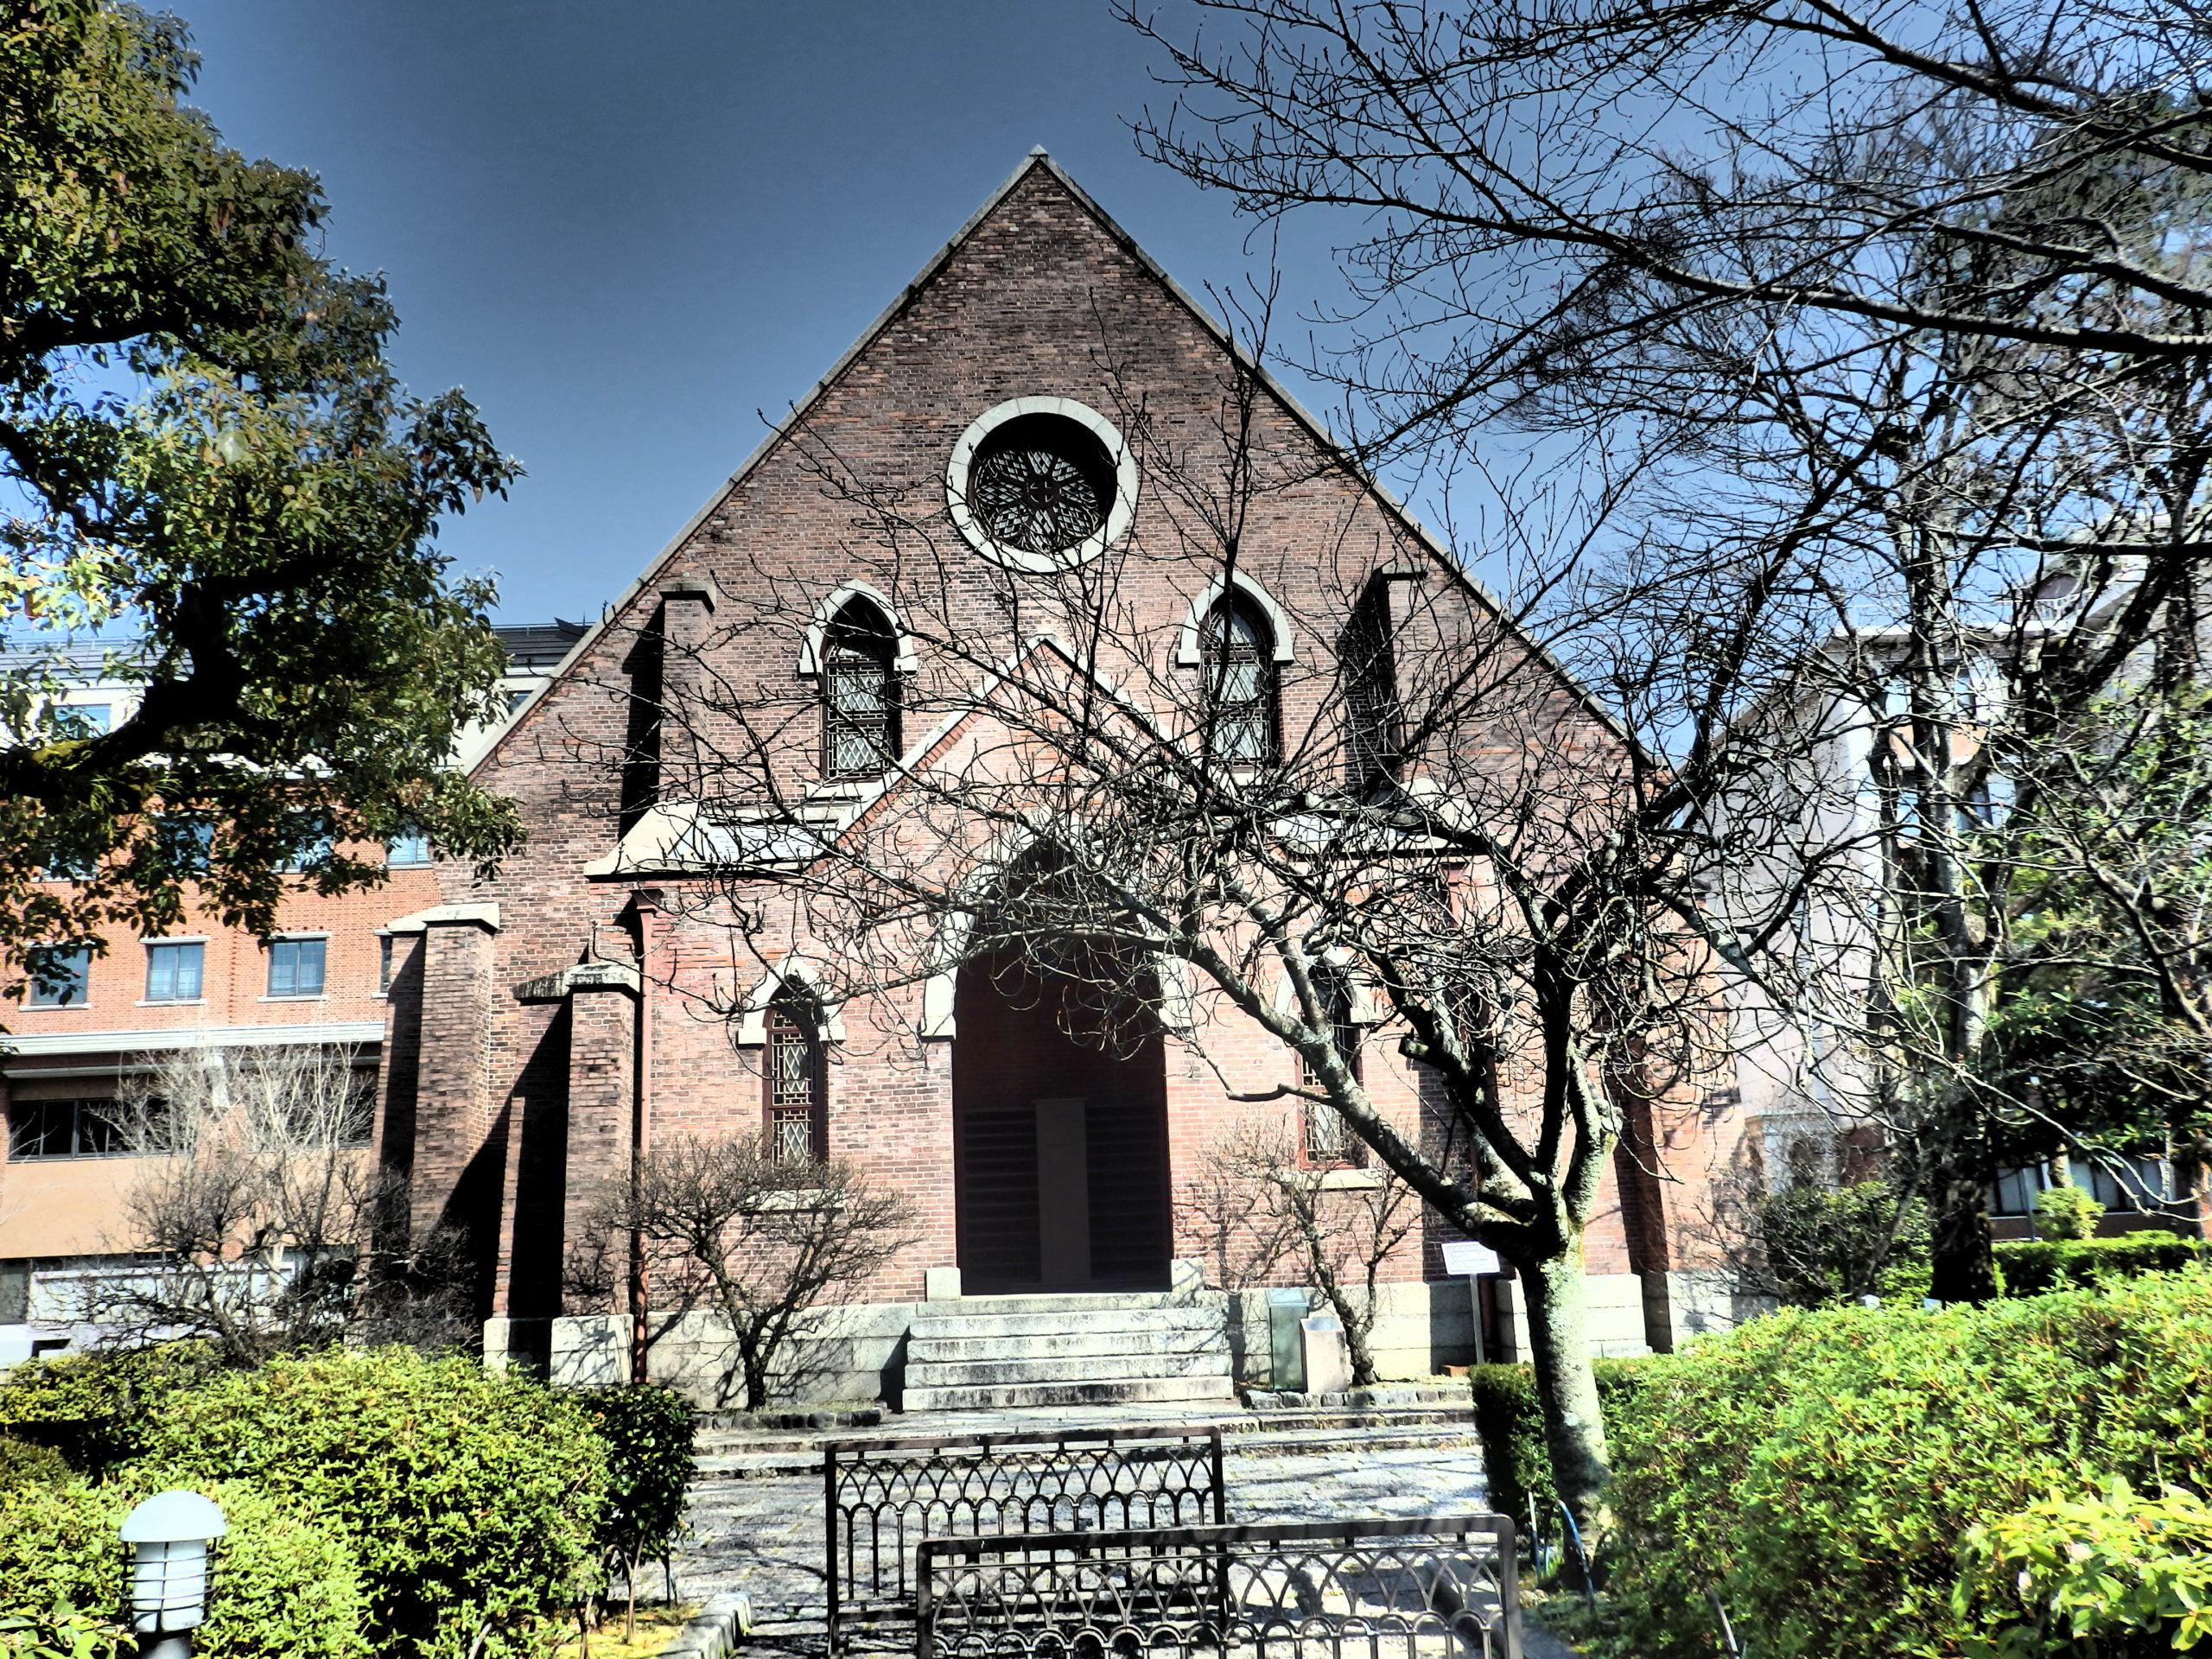 同志社大学 今出川キャンパス チャペル(礼拝堂)